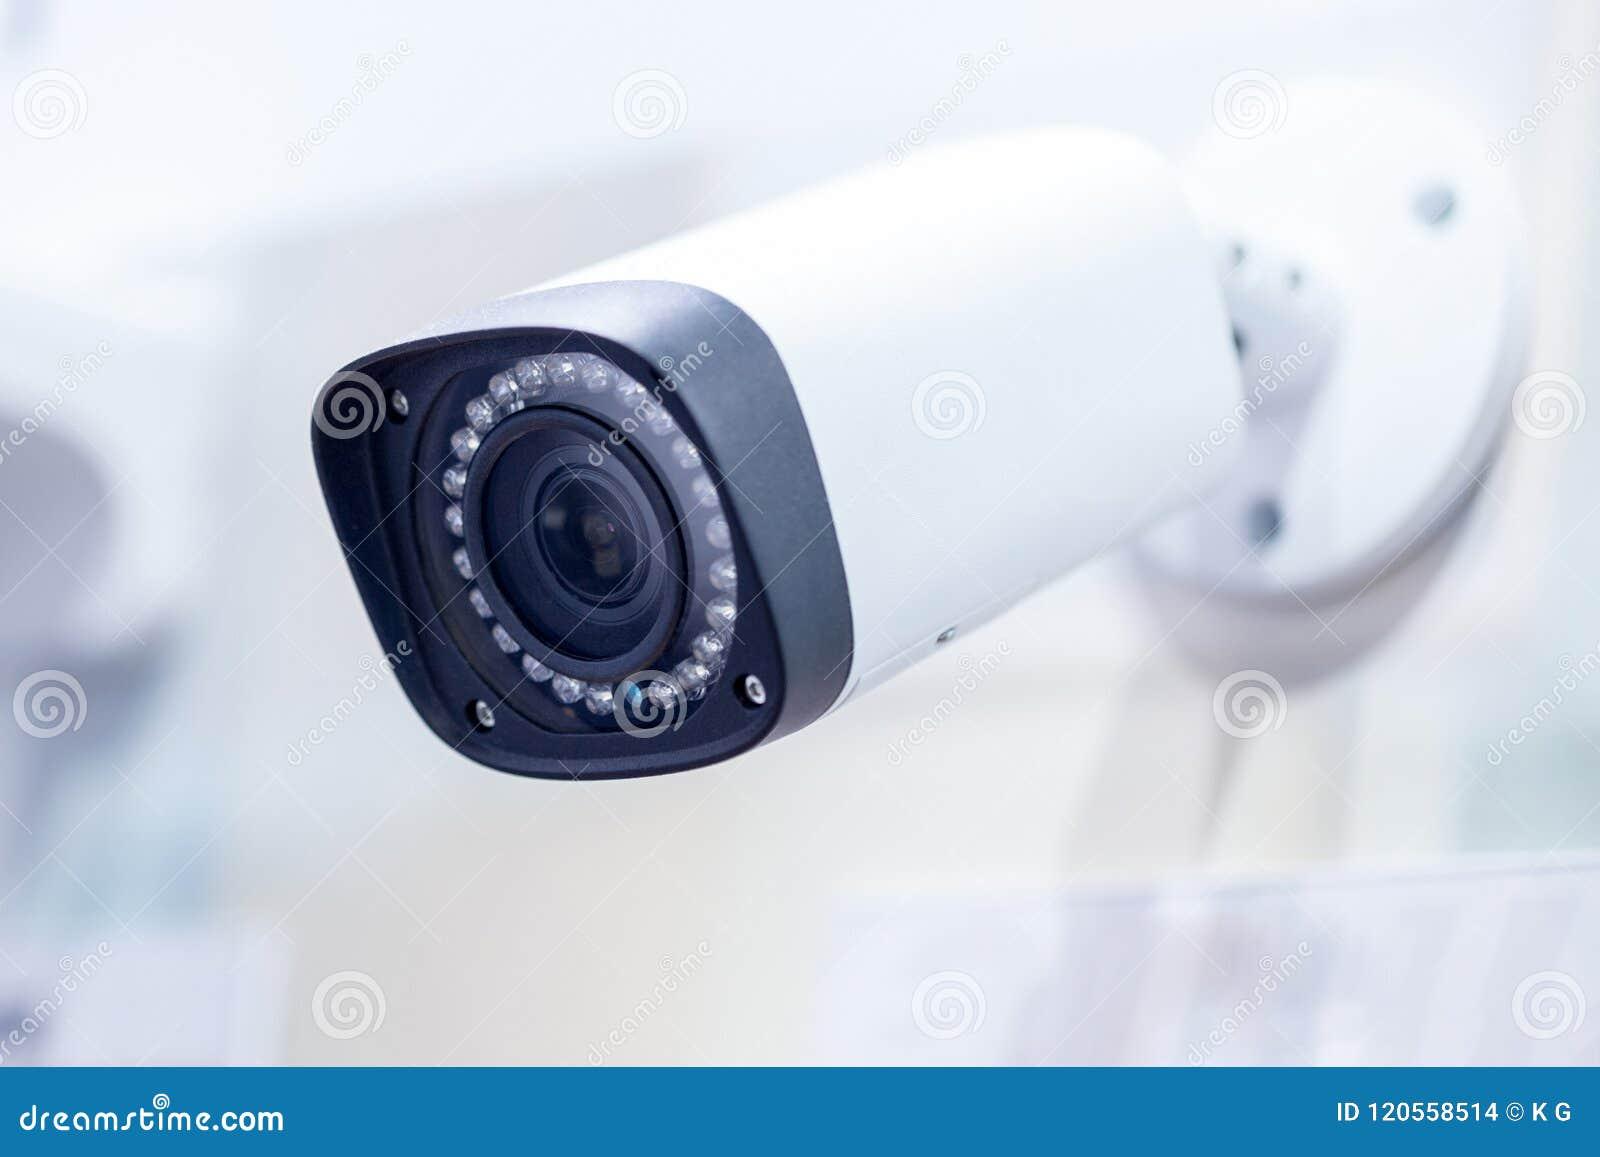 Câmara de vigilância profissional branca grande CCTV montado no teto Luzes do diodo emissor de luz IR em torno da lente Conceito